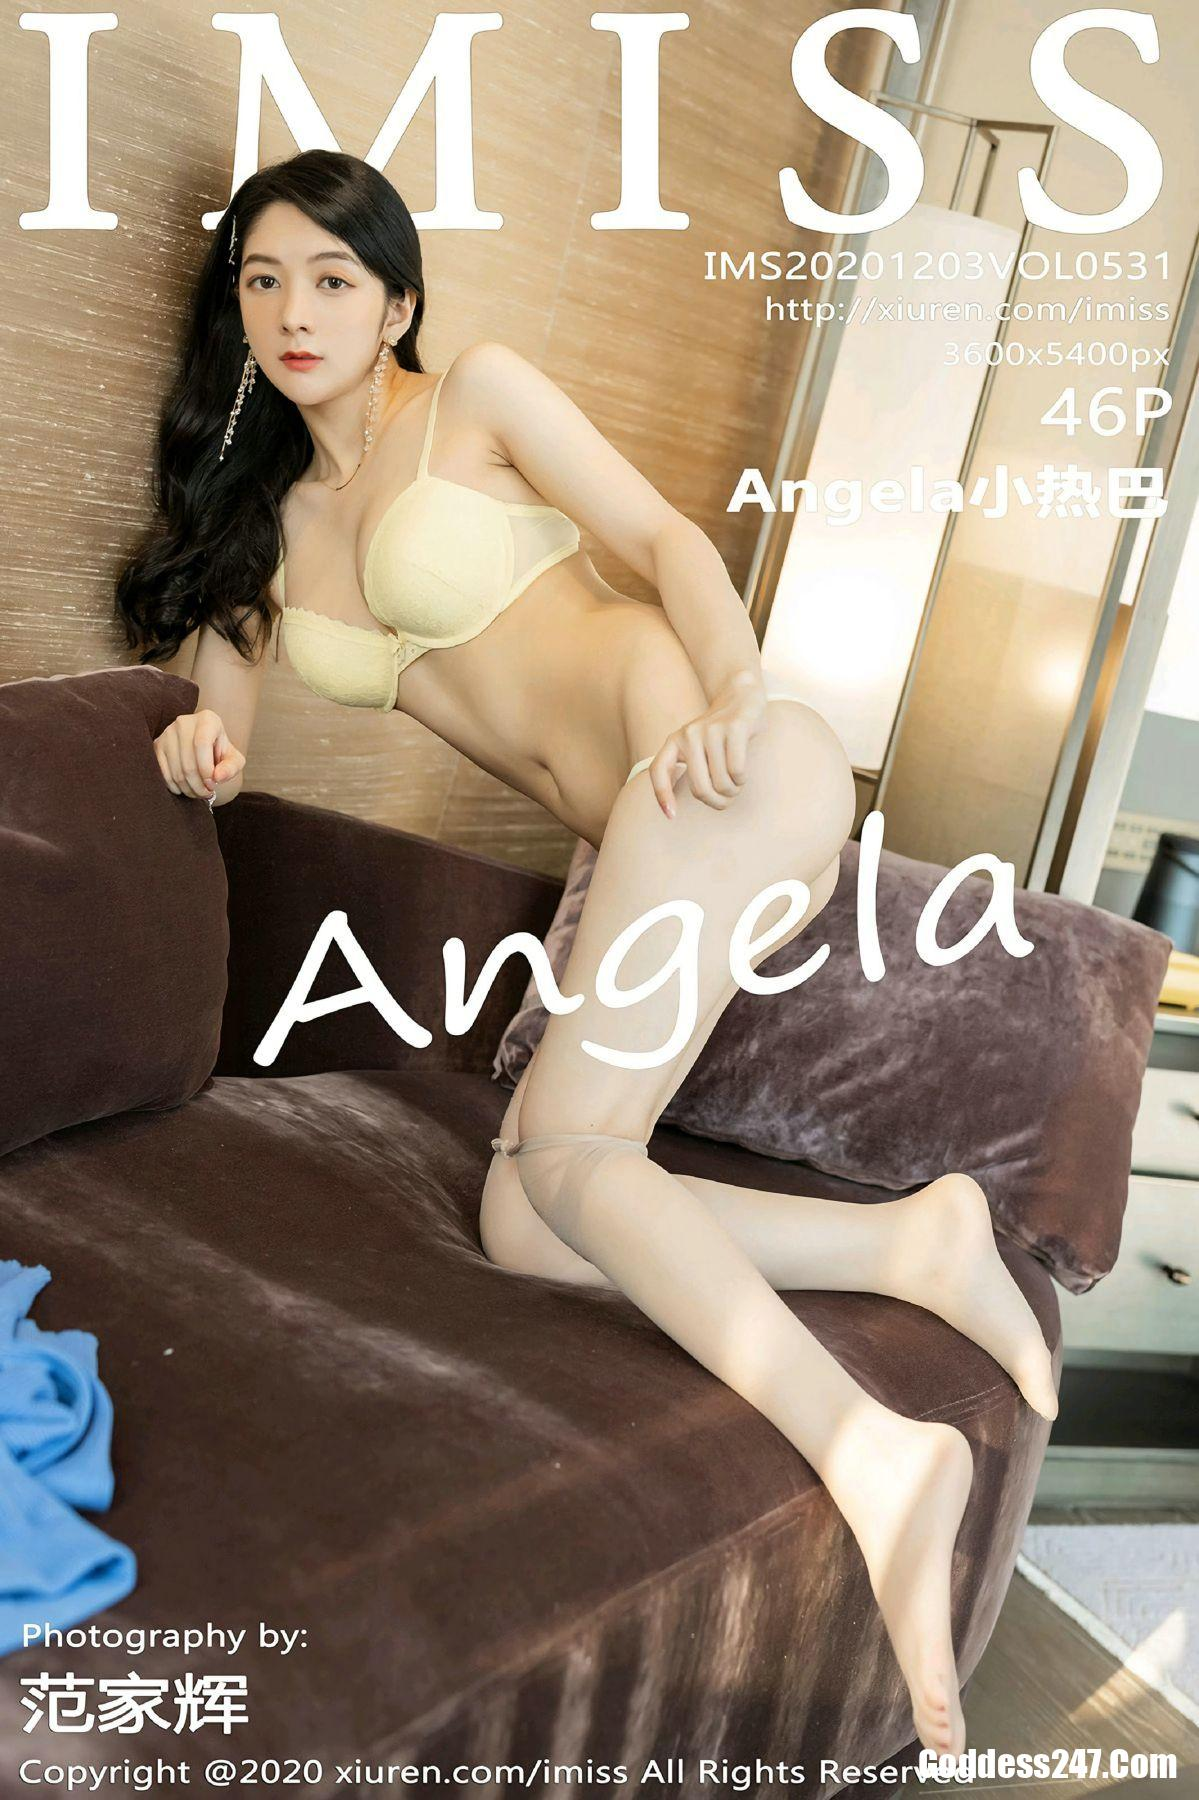 IMiss爱蜜社 Vol.531 Angela小热巴